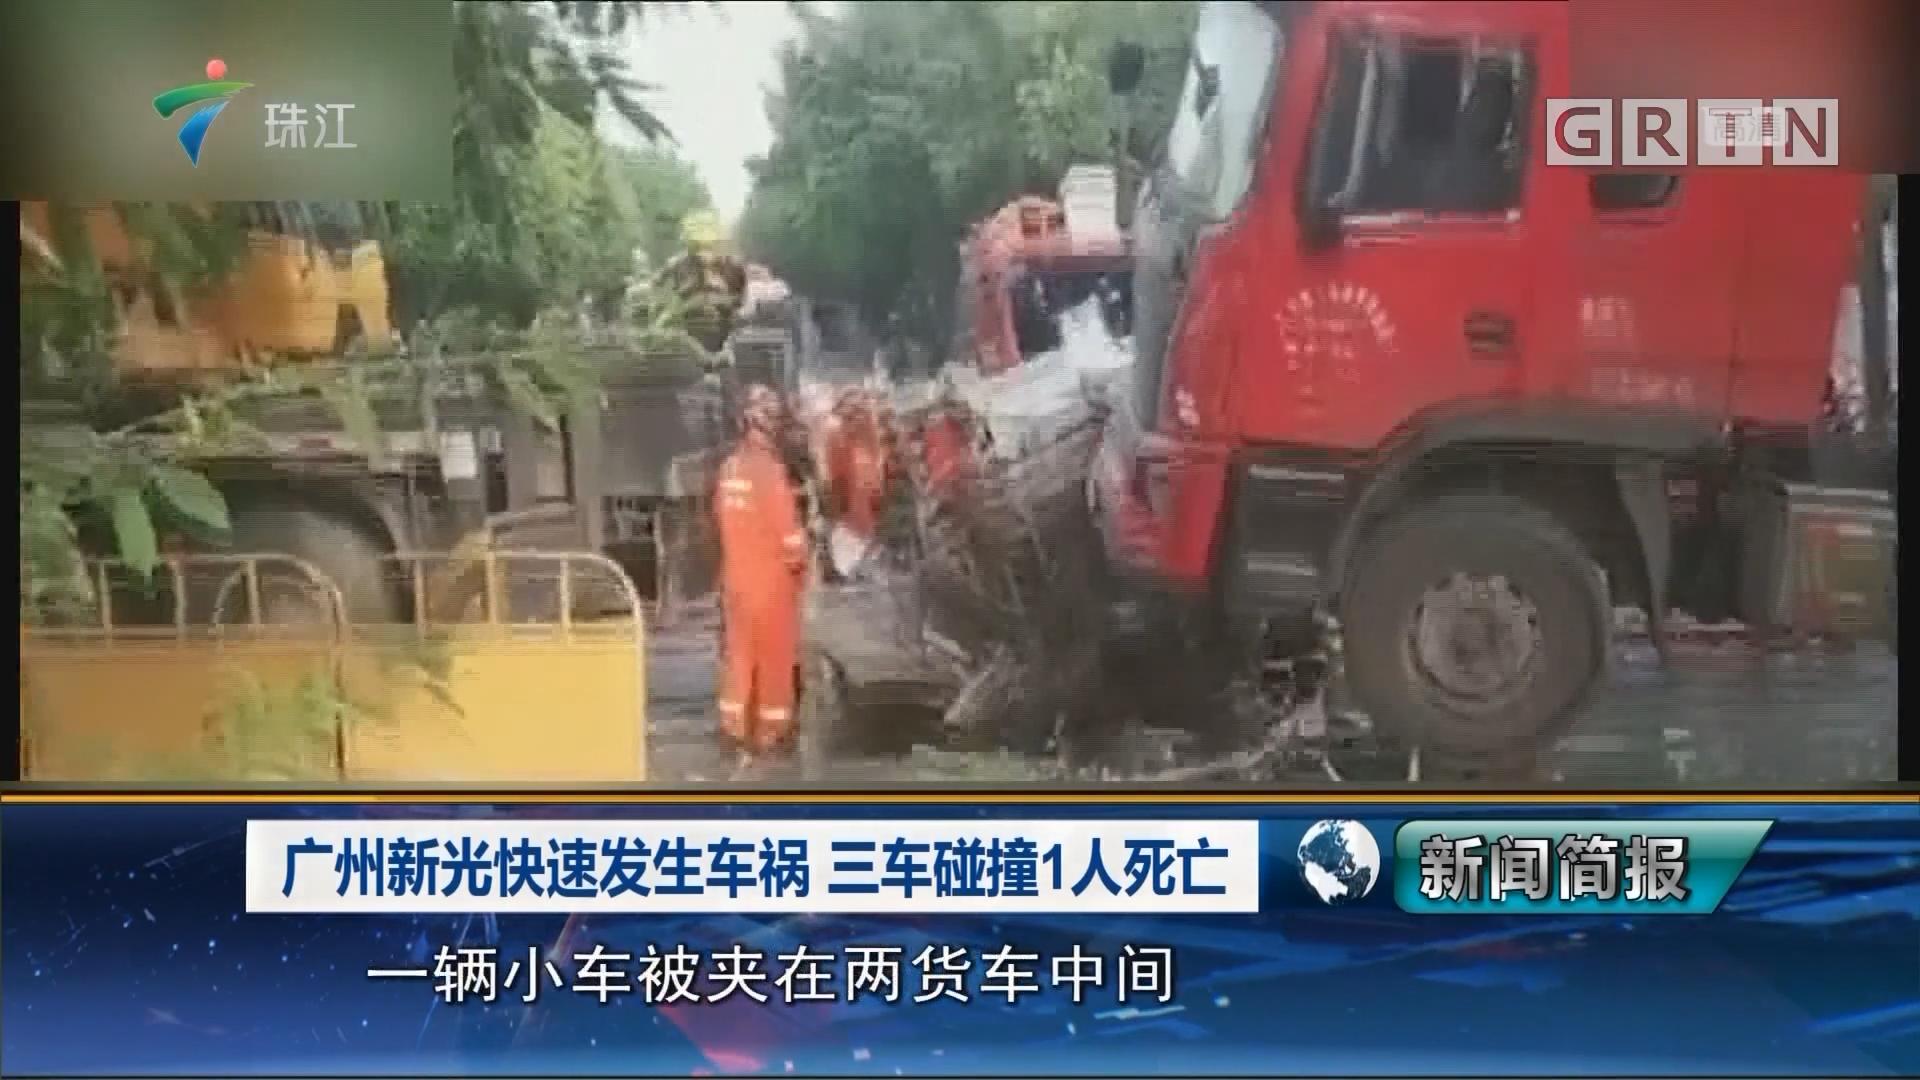 广州新光快速发生车祸 三车碰撞1人死亡